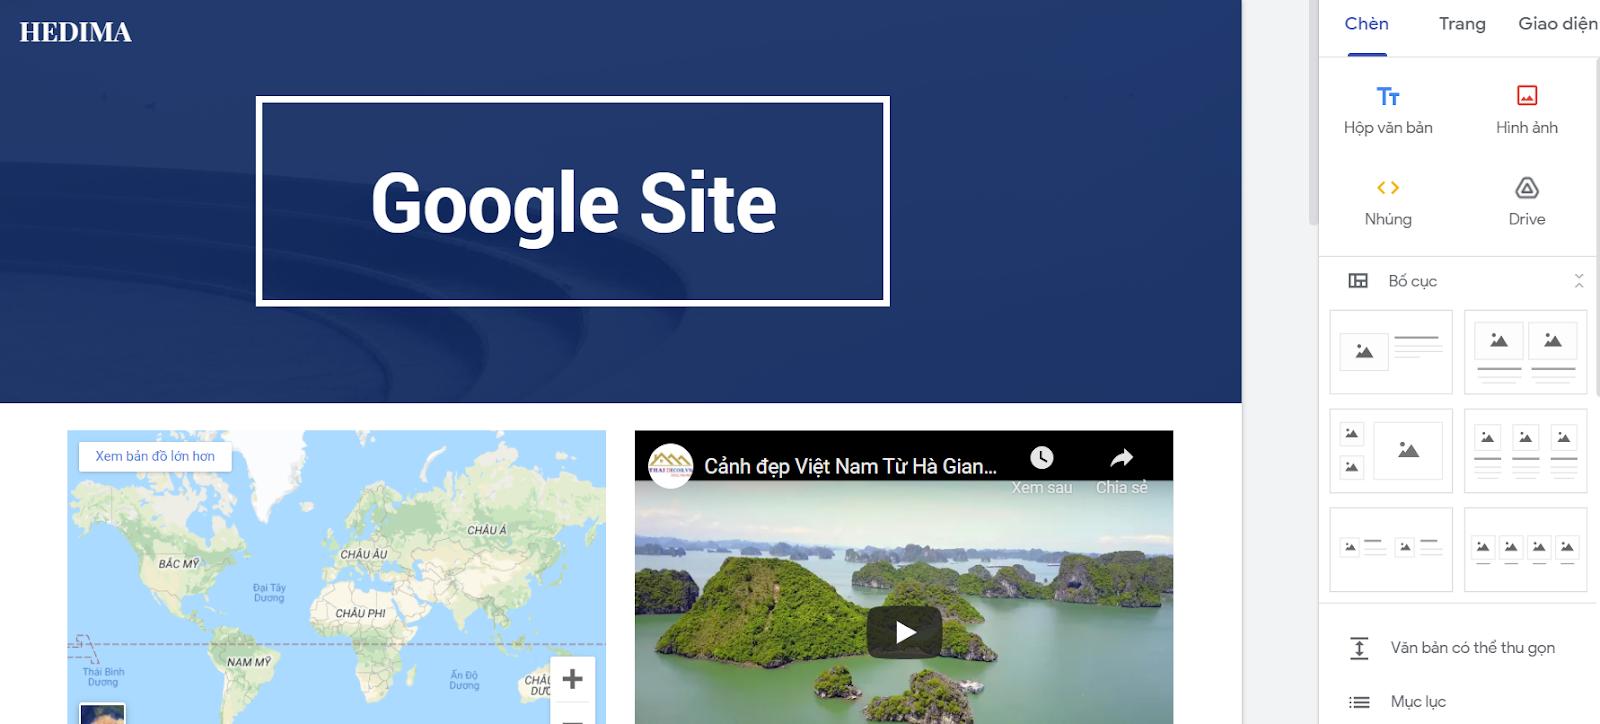 Google Site kết hợp các tiện ích khác của Google